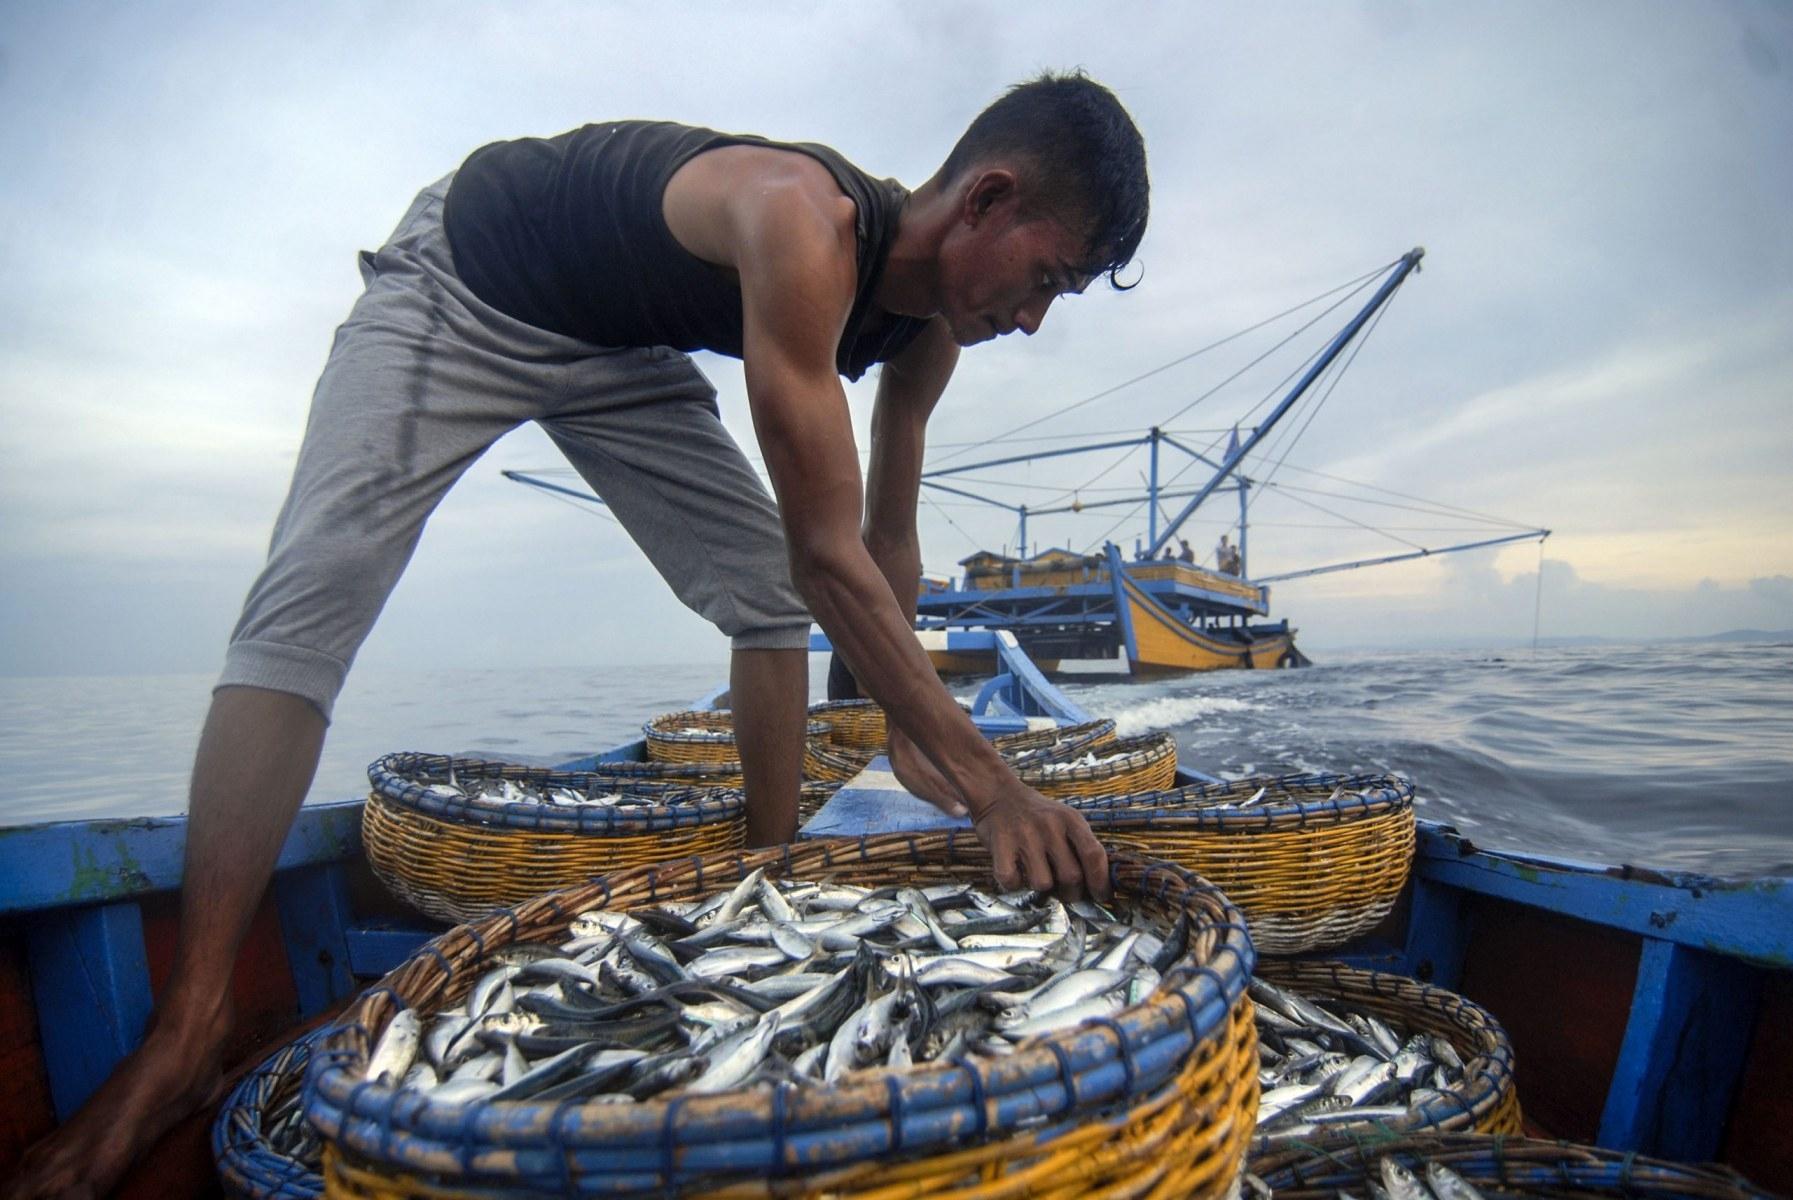 Nelayan pulang membawa hasil di Teluk Lhok Seudu, Sabtu (14/4/2018). Nelayan palong cenderung menghemat operasional dengan tidak membawa es, selain ikan yang langsung dibawa pulang setelah ditangkap lebih terjaga kesegarannya.